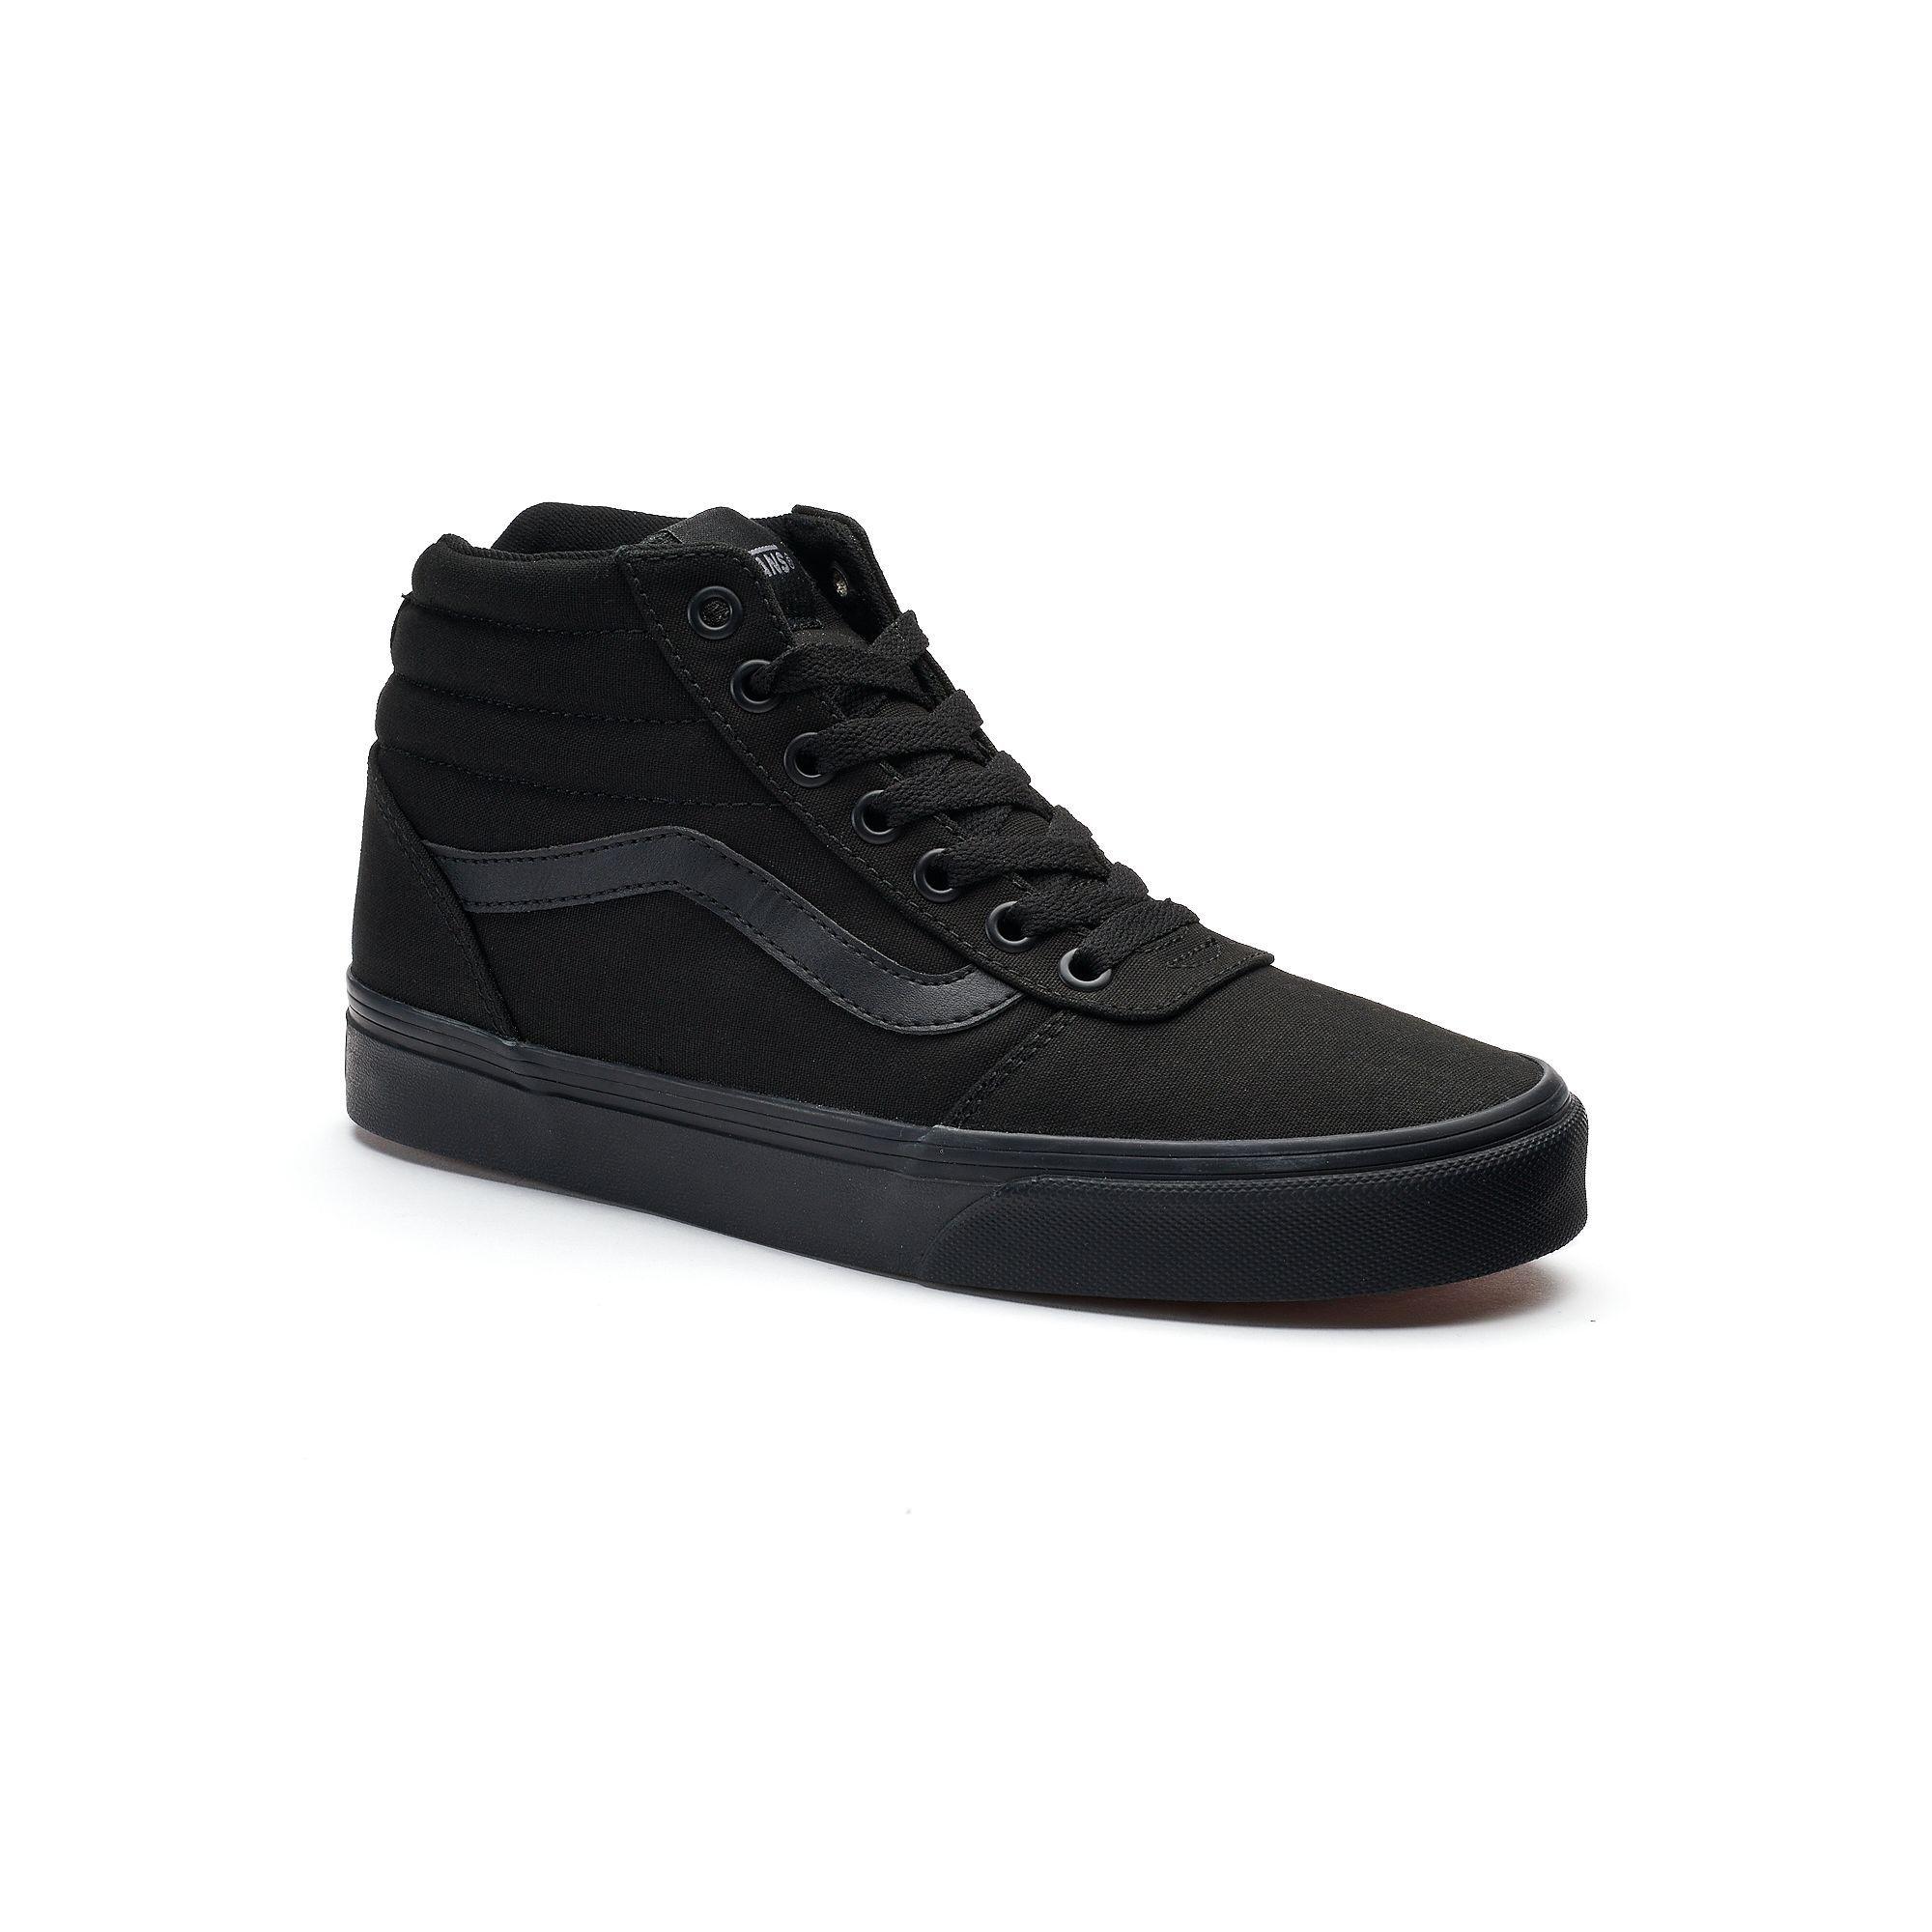 Vans® Ward Hi Men's Skate Shoes | Skate